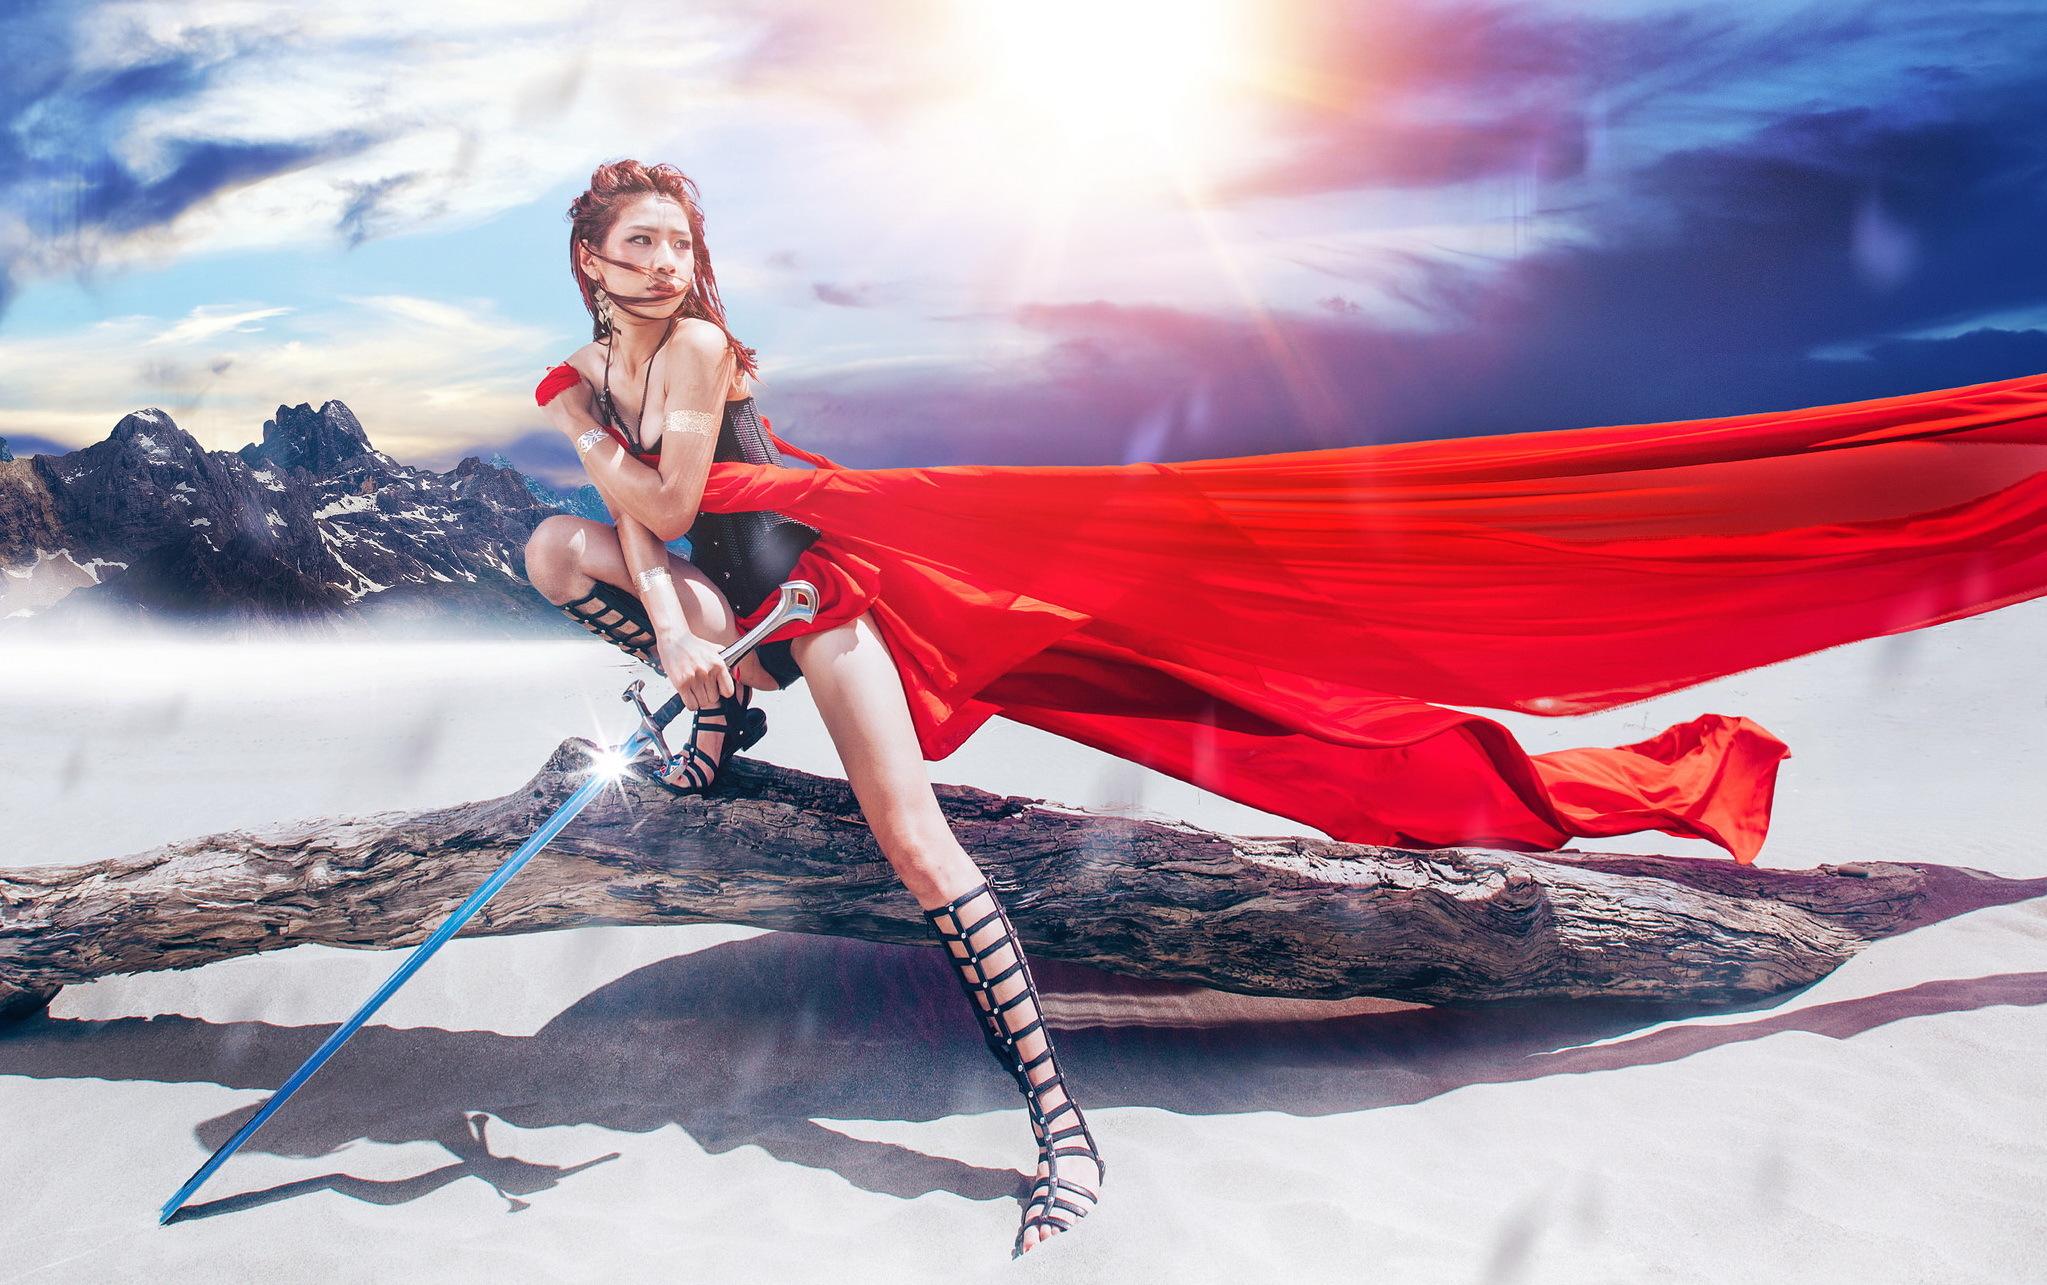 Девушка с мечом фотосессия, трутся мокрыми попками